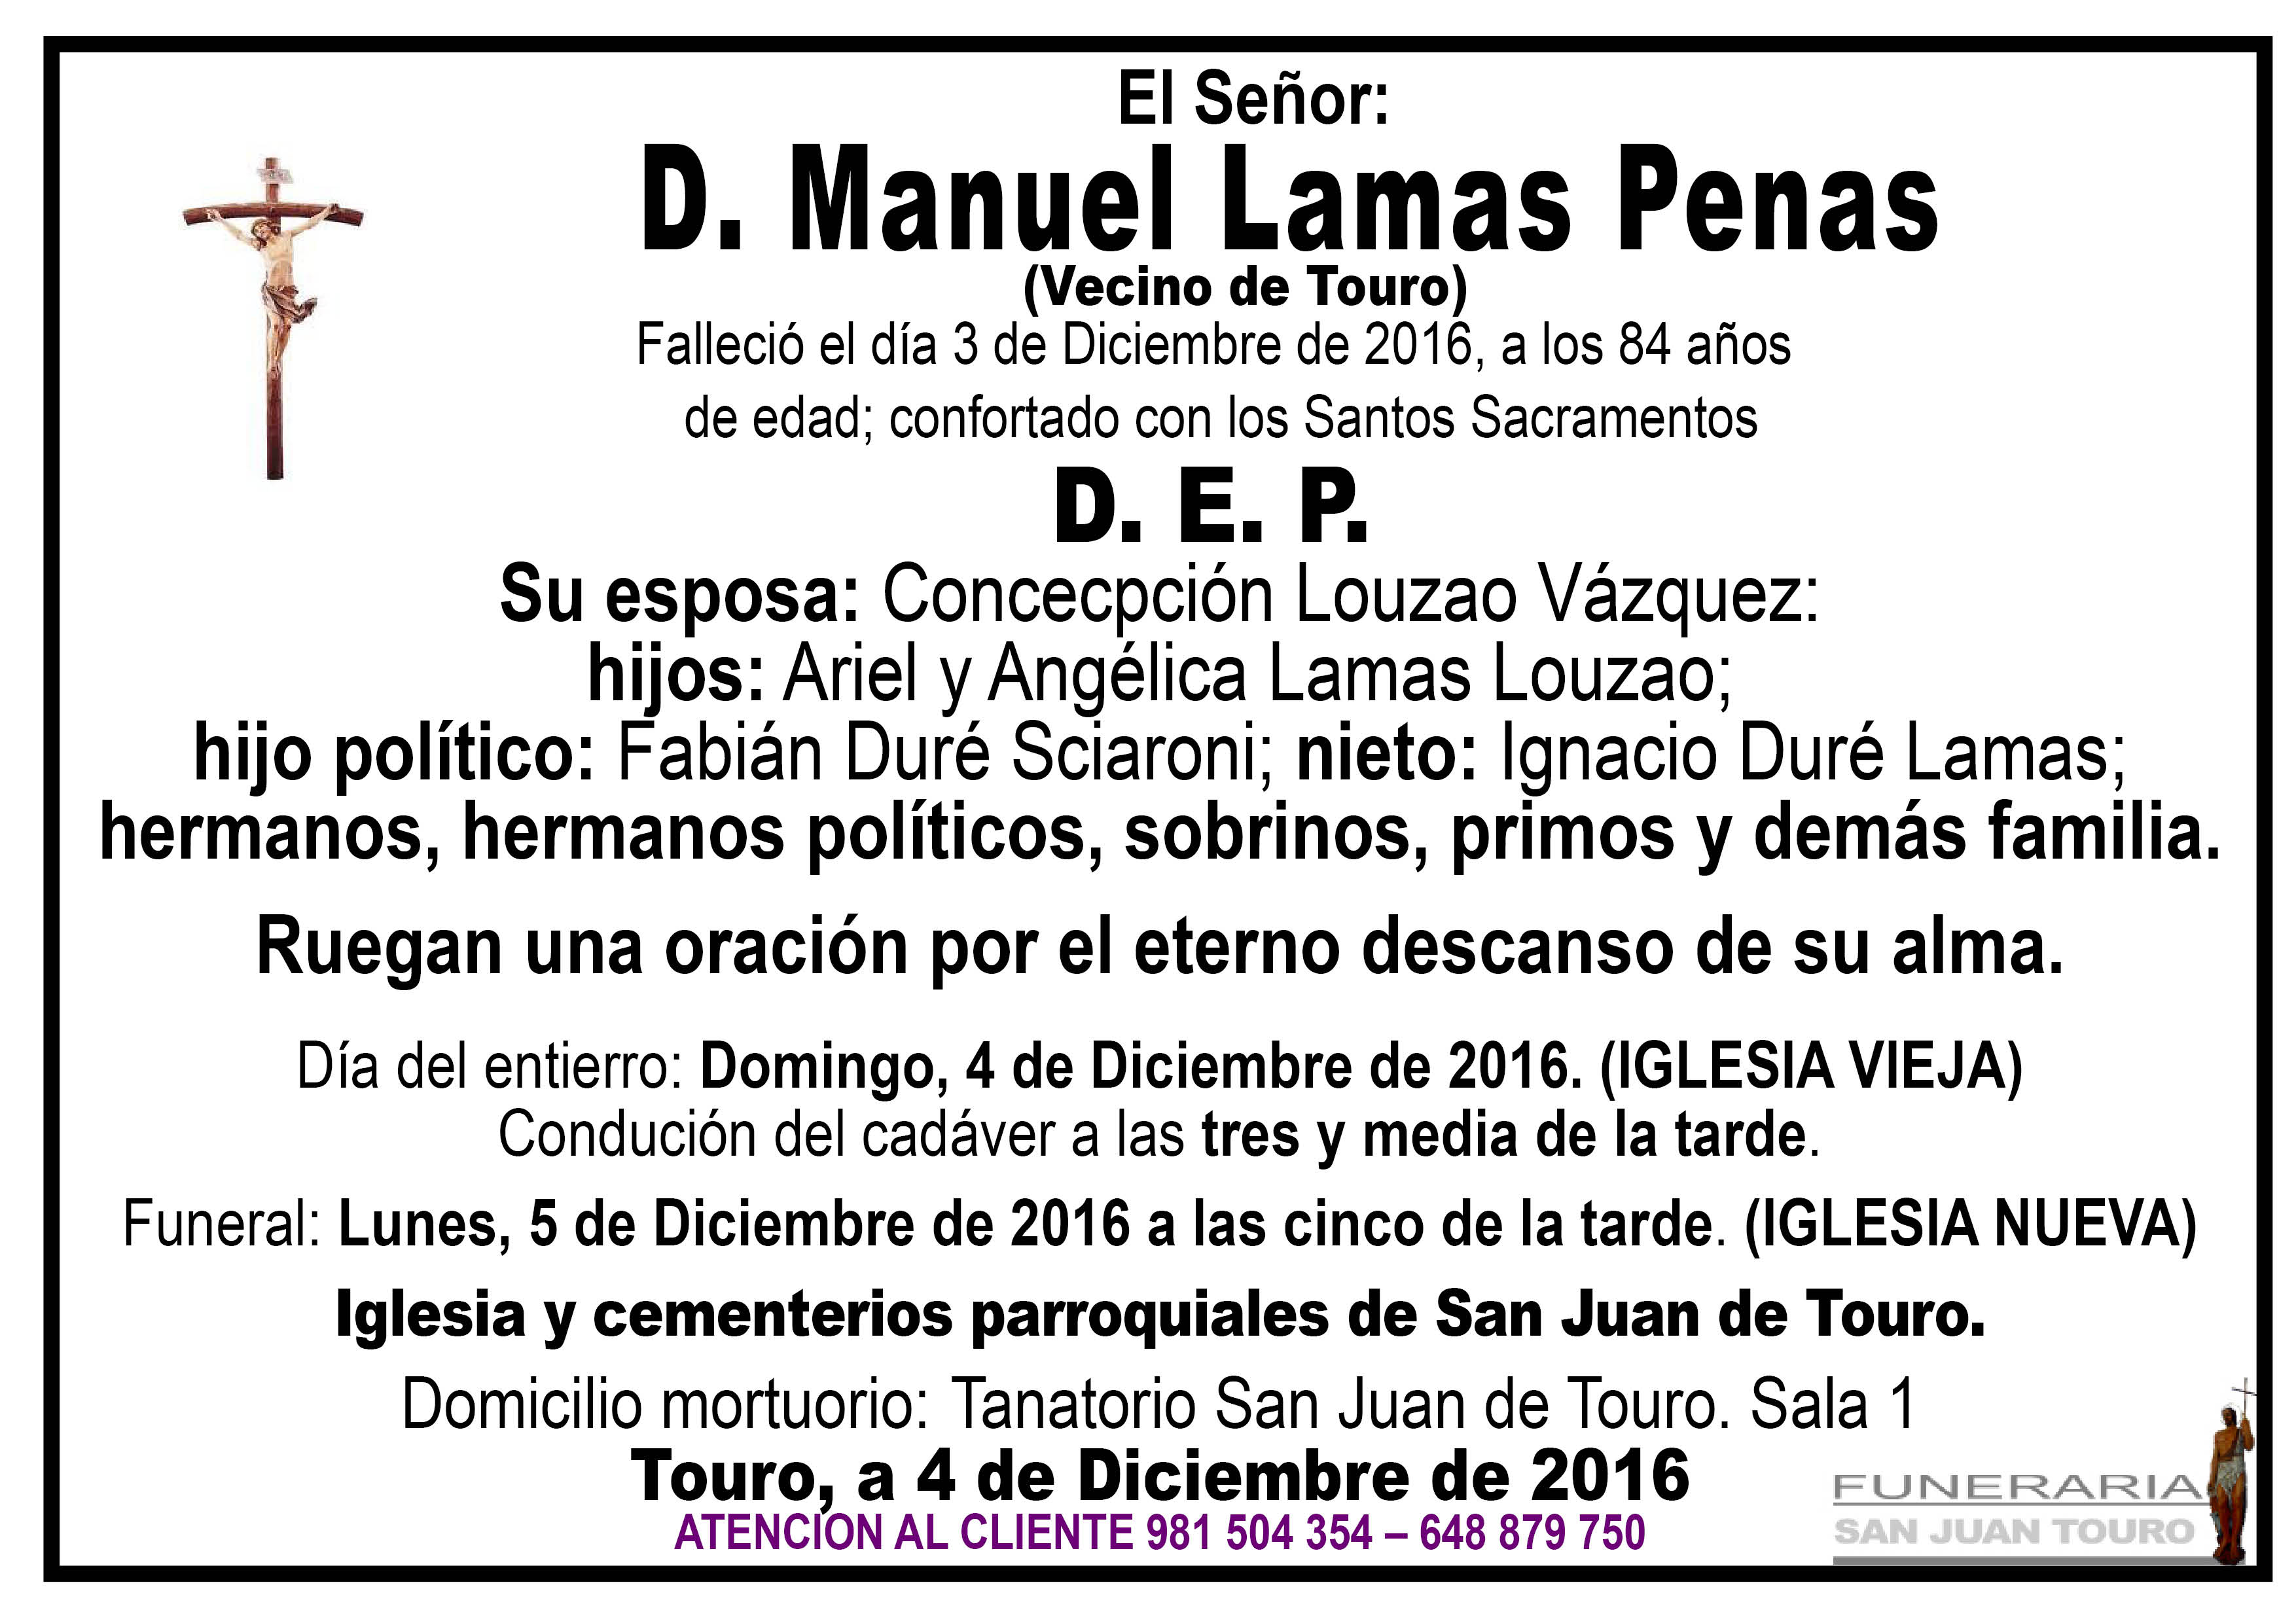 Esquela de SEPELIO D MANUEL LAMAS PENAS